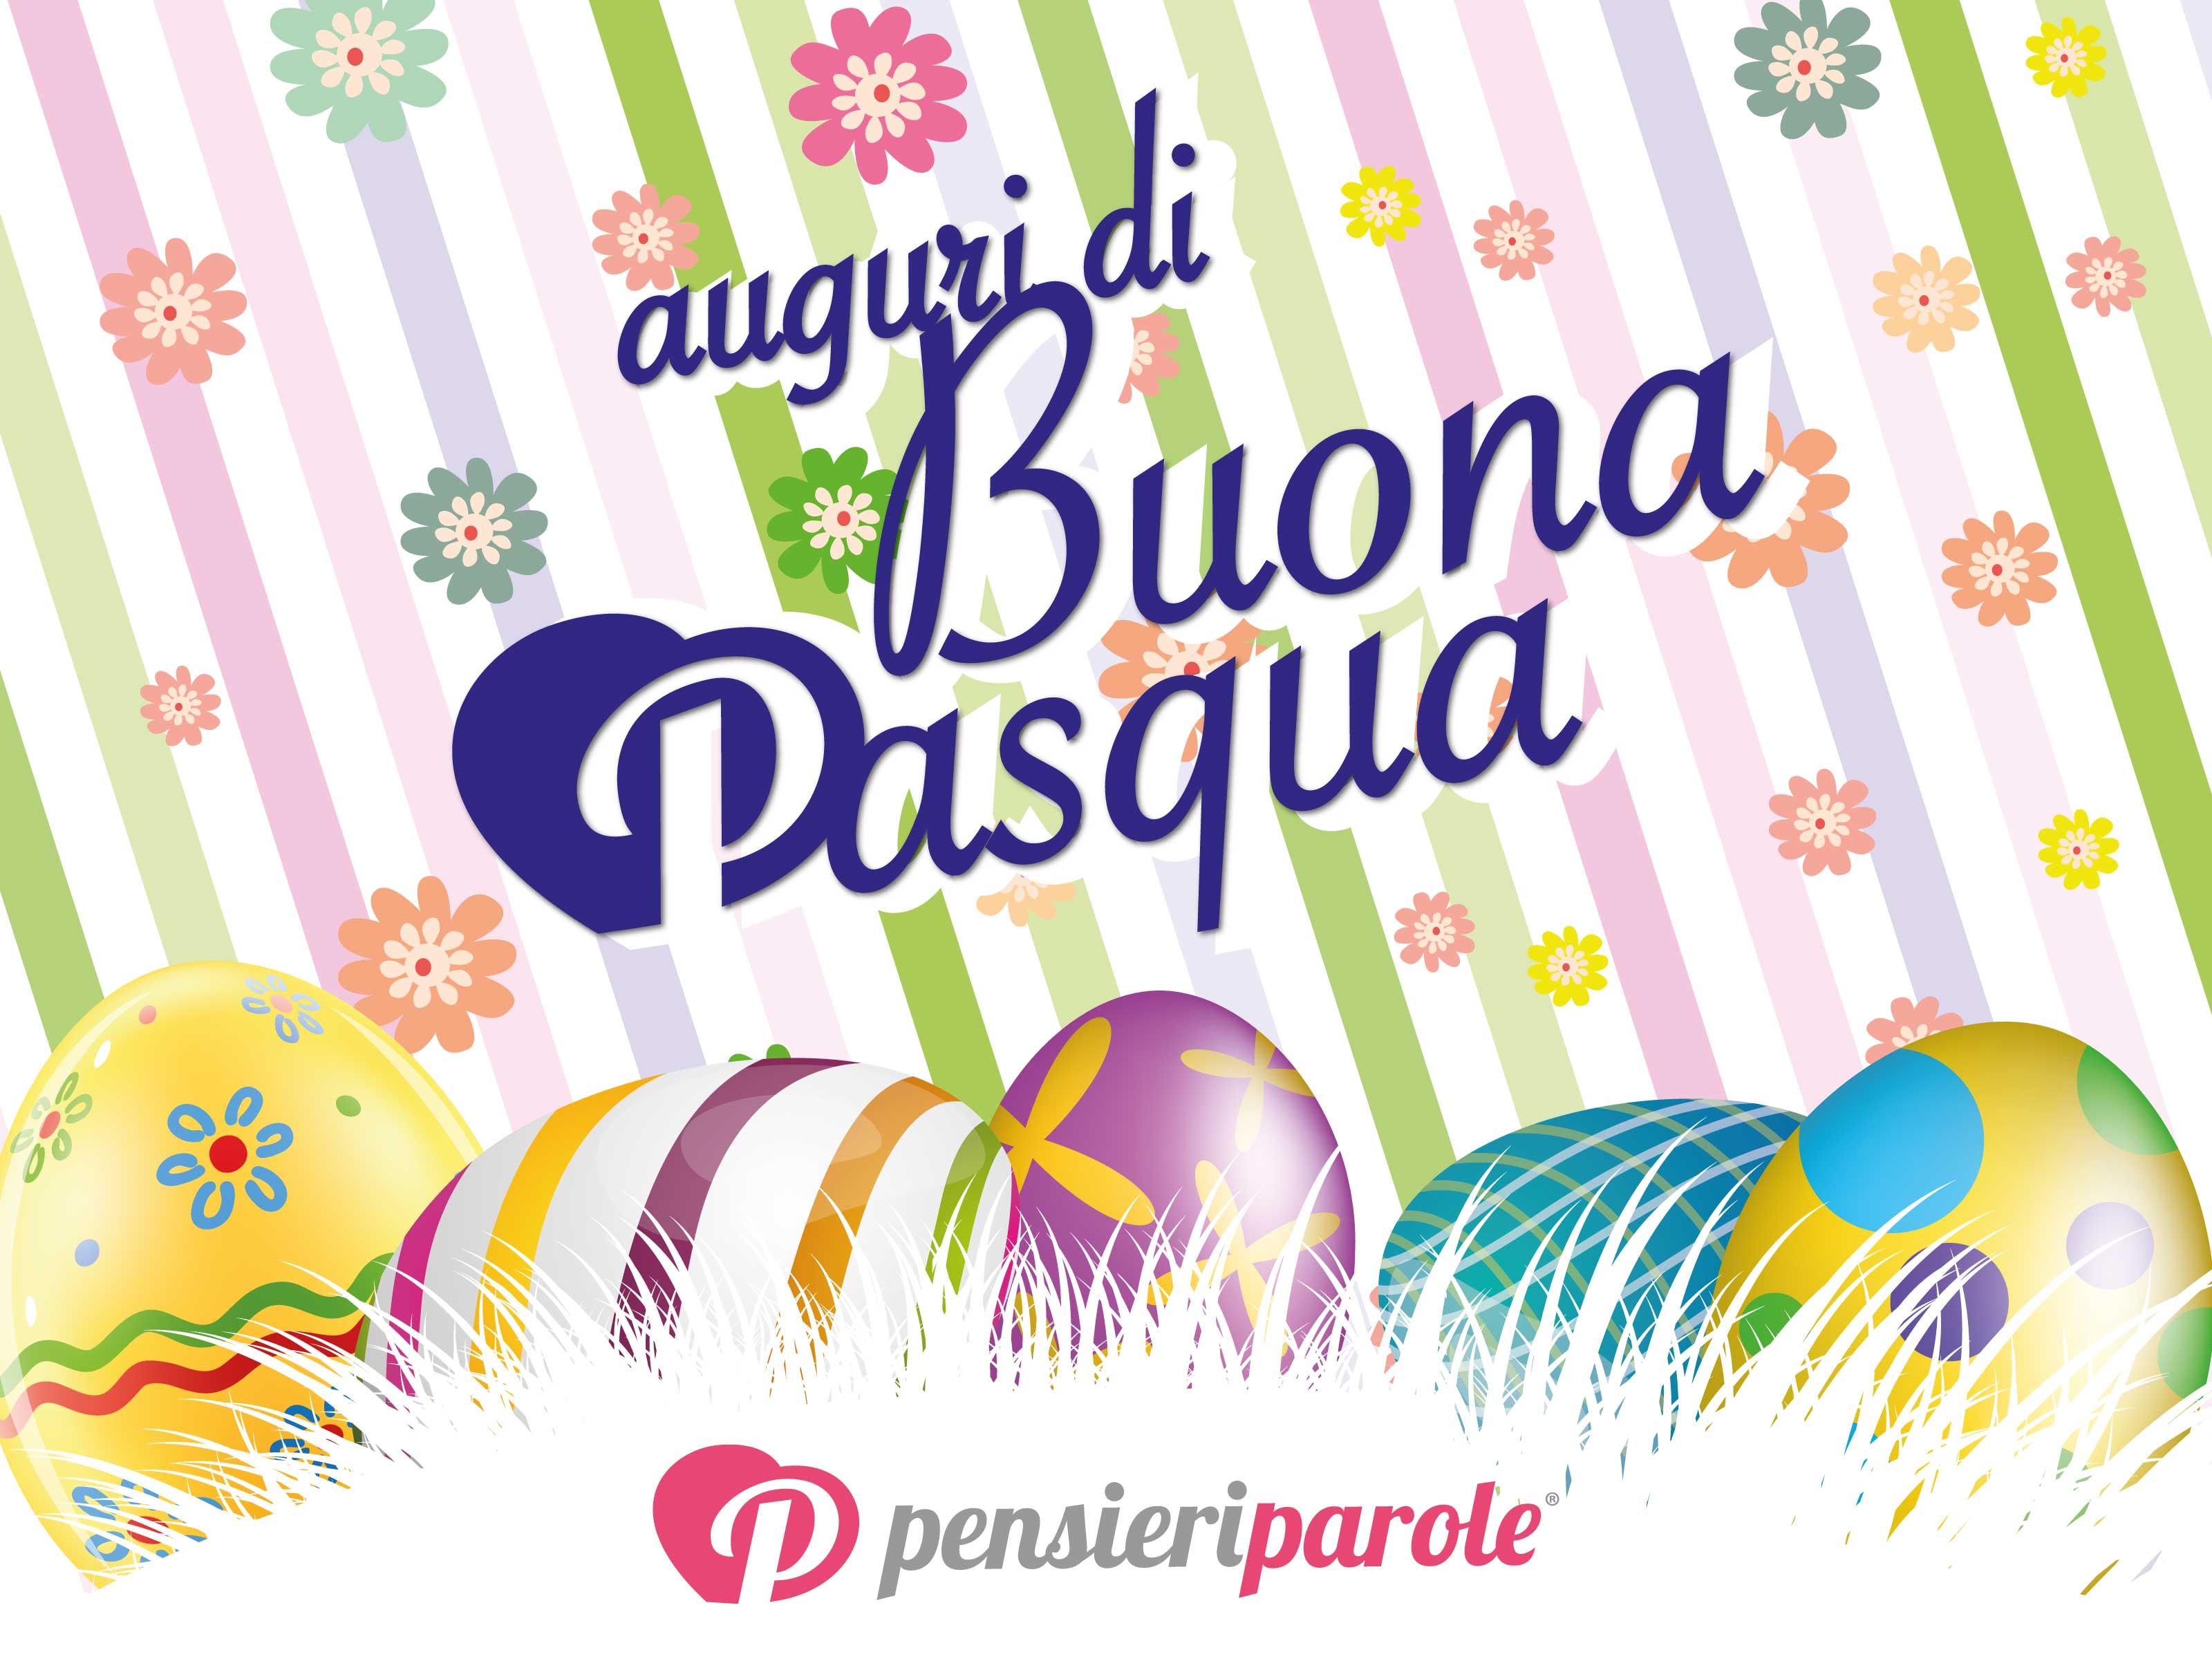 Buona pasqua i migliori auguri da inviare for Cartoline auguri di buona pasqua